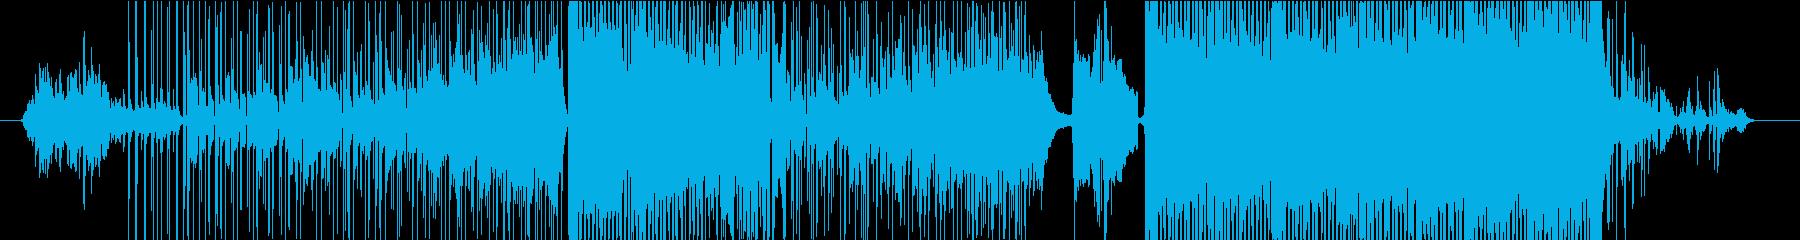 古典的でリラックスな曲の再生済みの波形